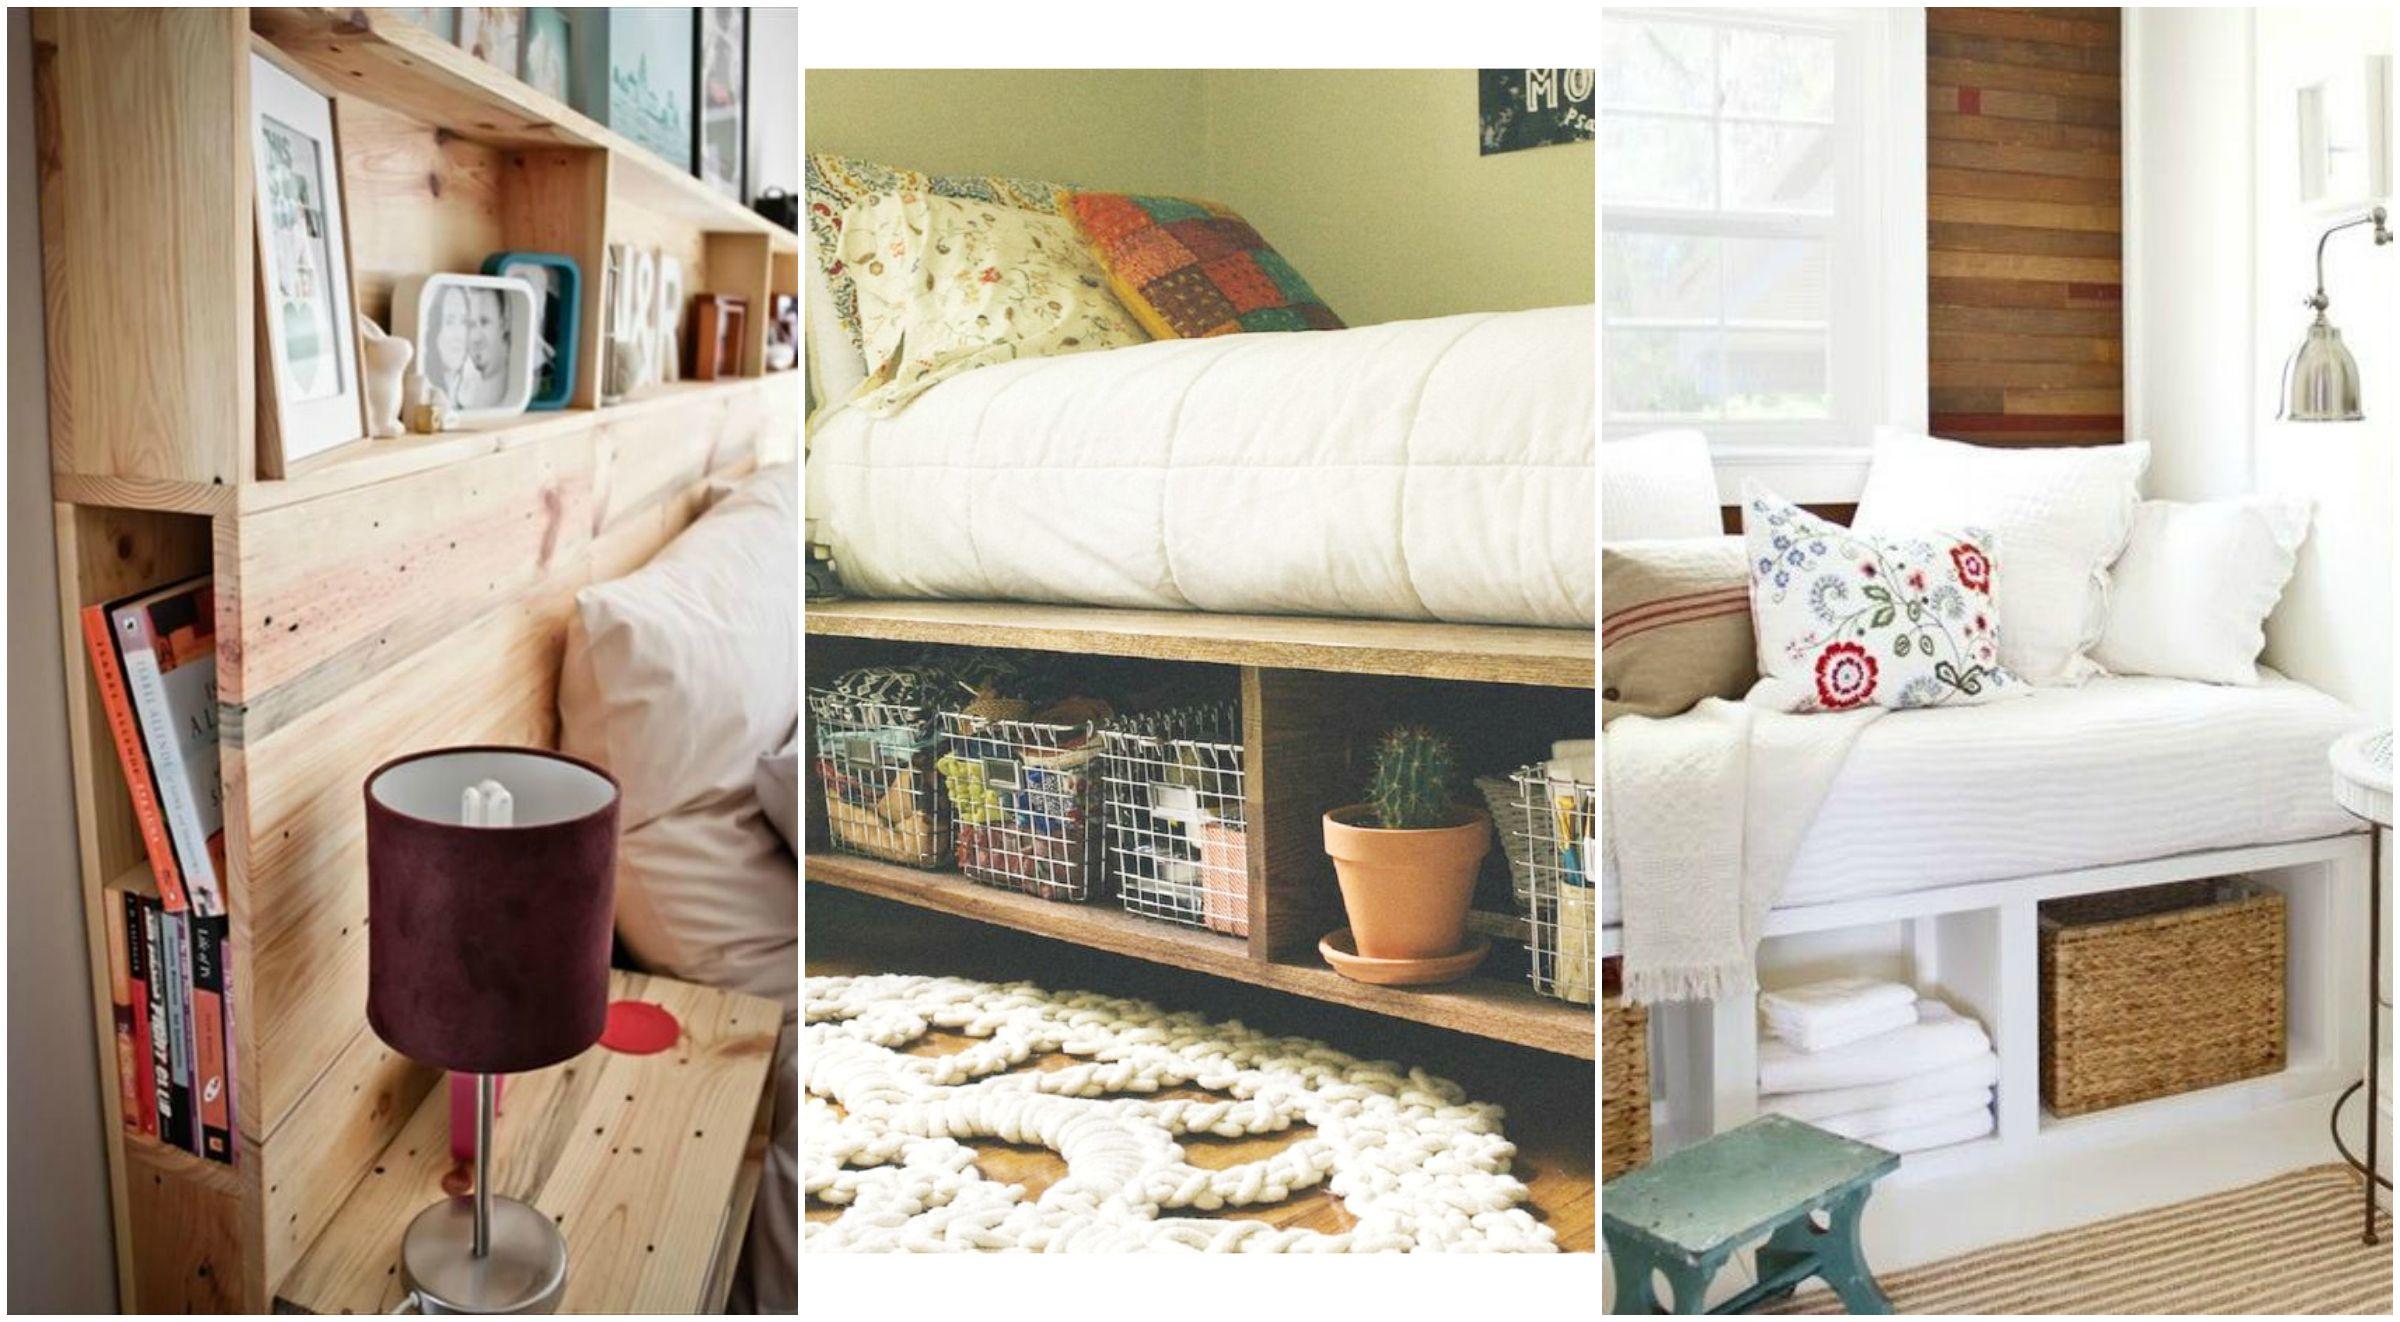 5 idee per arredare camere da letto piccole immagine for Idee camere da letto piccole